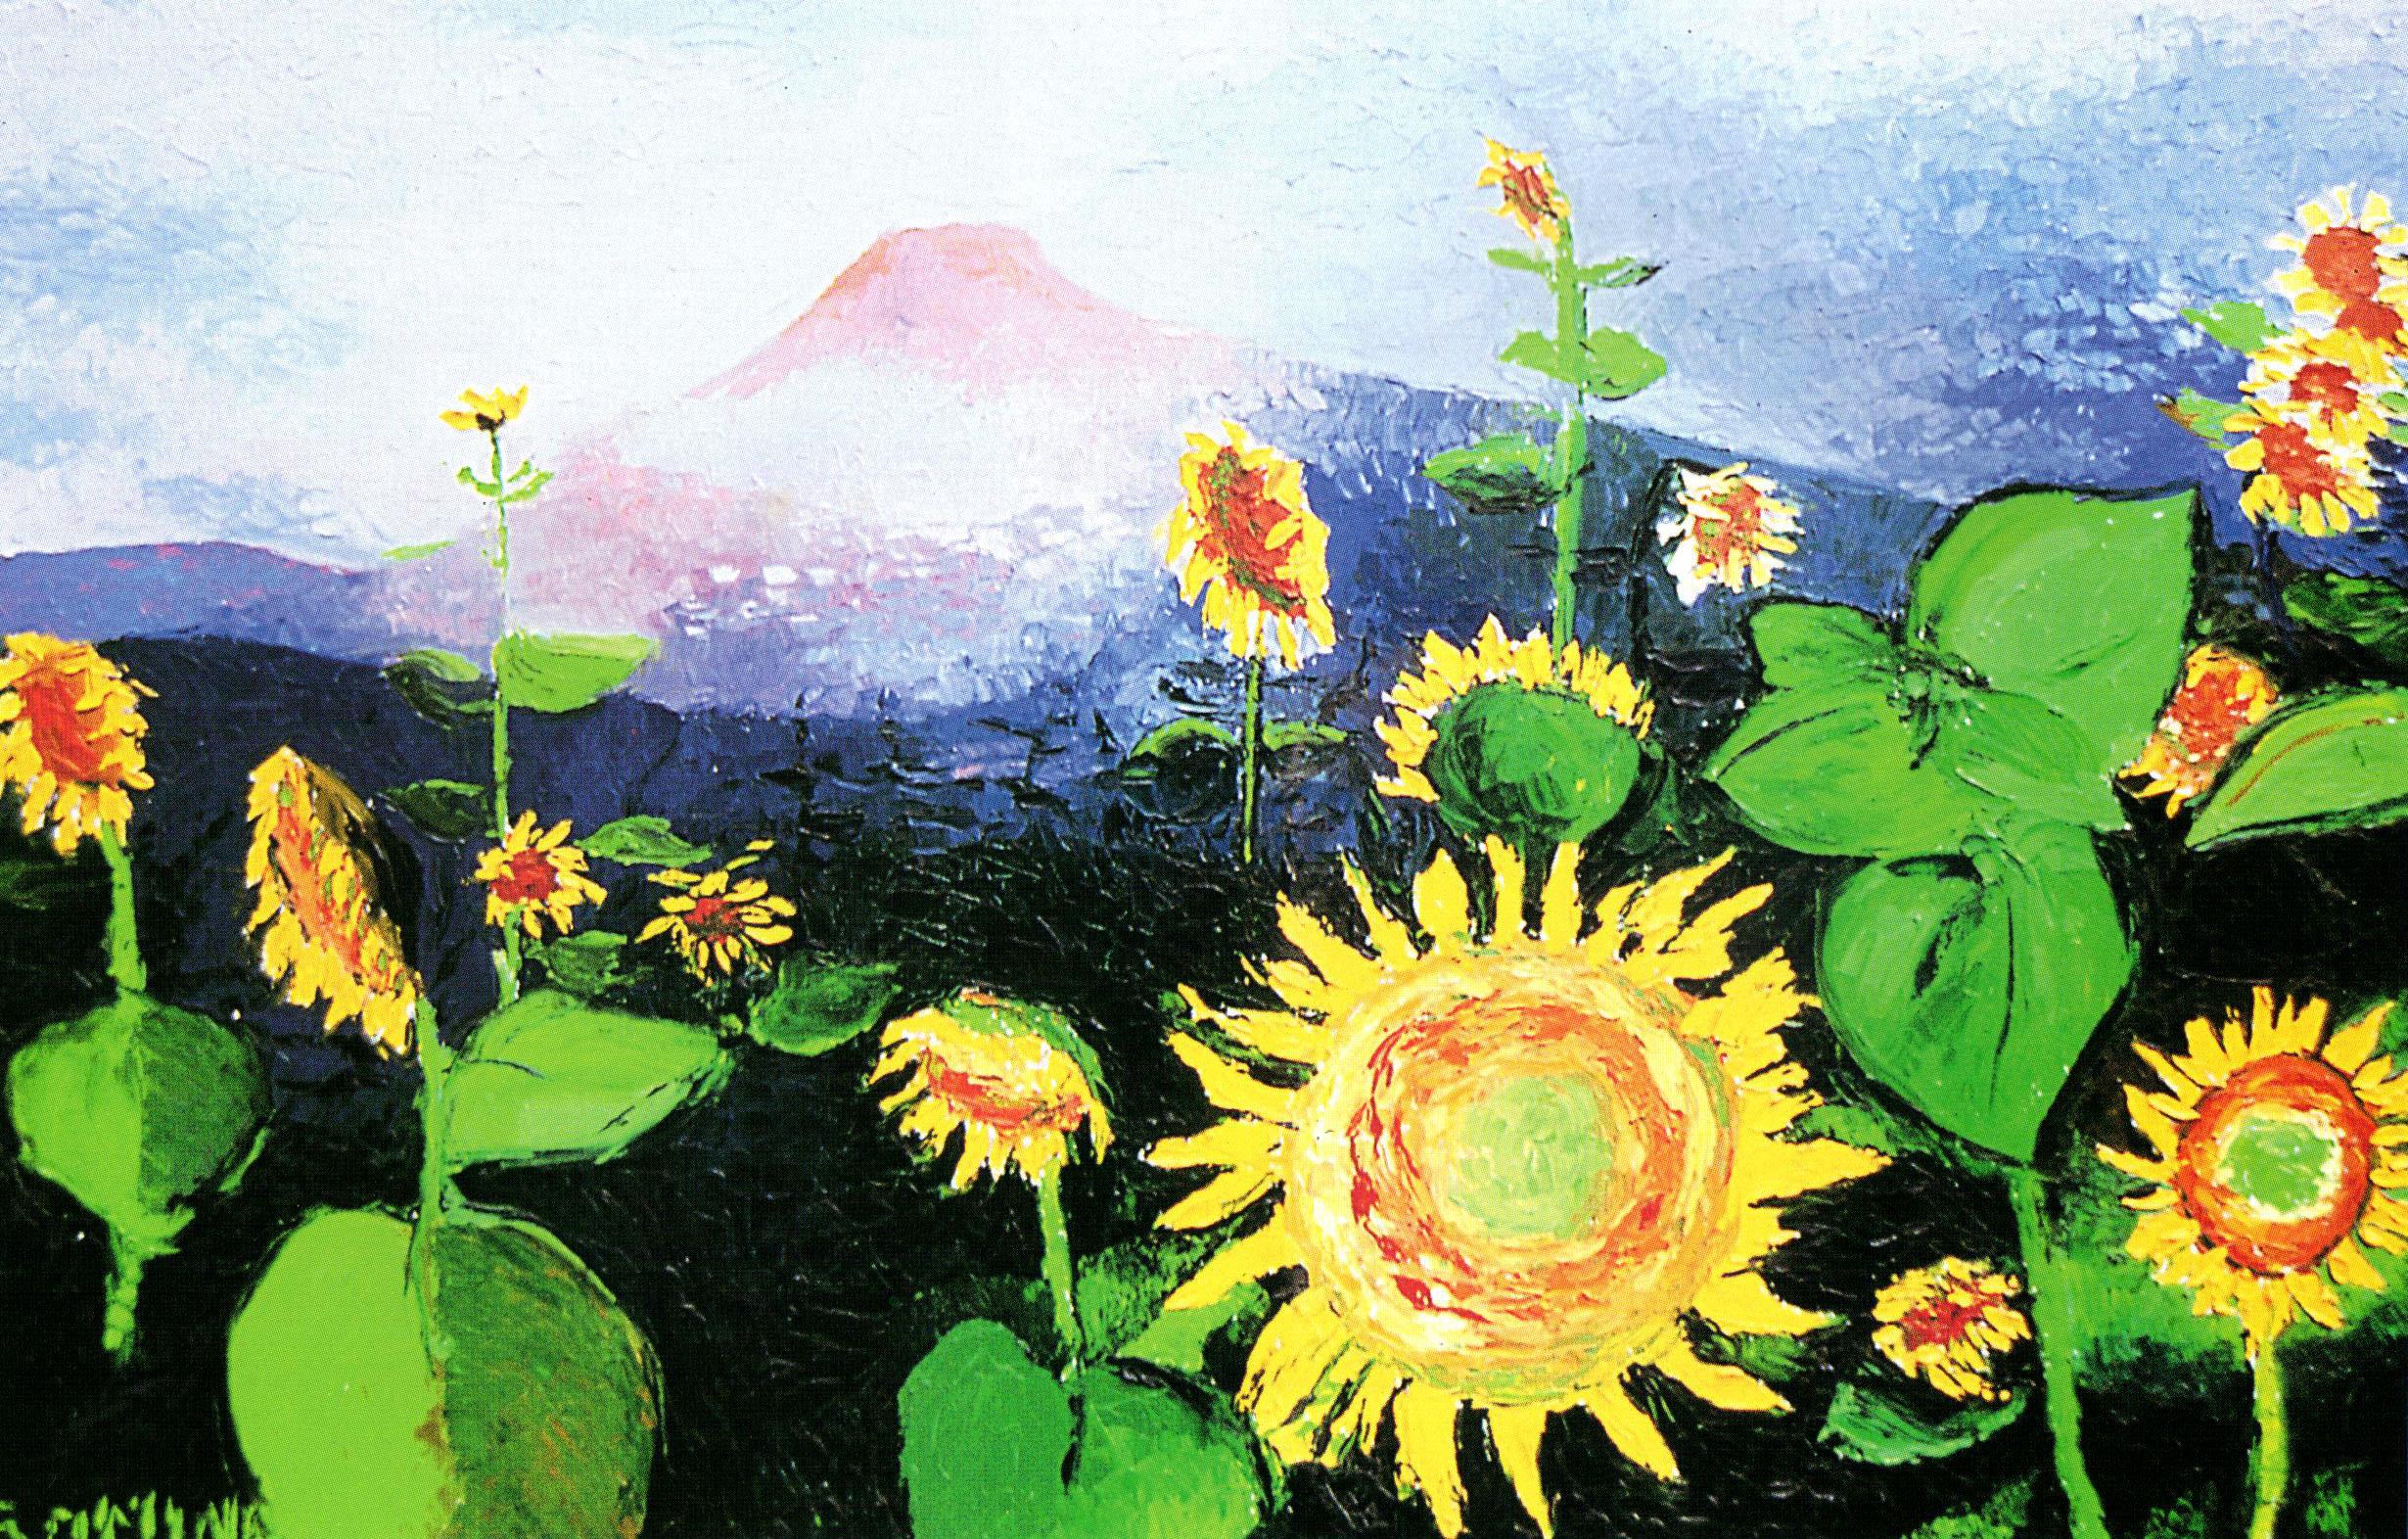 Fujiyama with Sunflowers